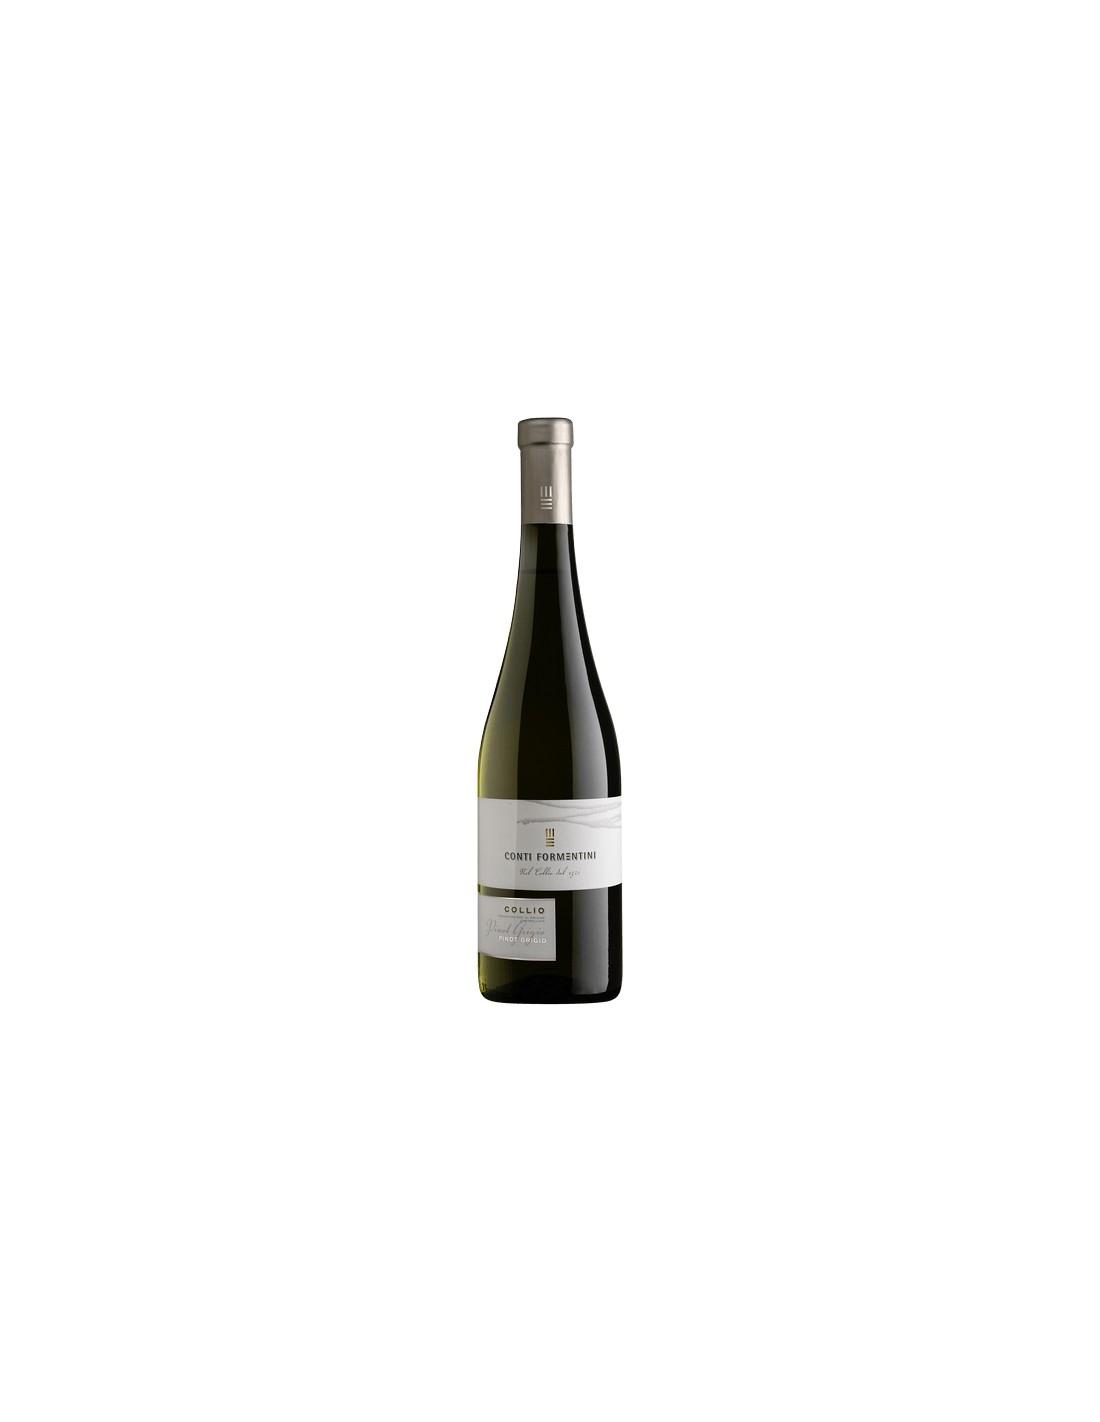 Vin alb, Pinot Grigio, Conti Formentini Collio, 13.5% alc., 0.75L, Italia